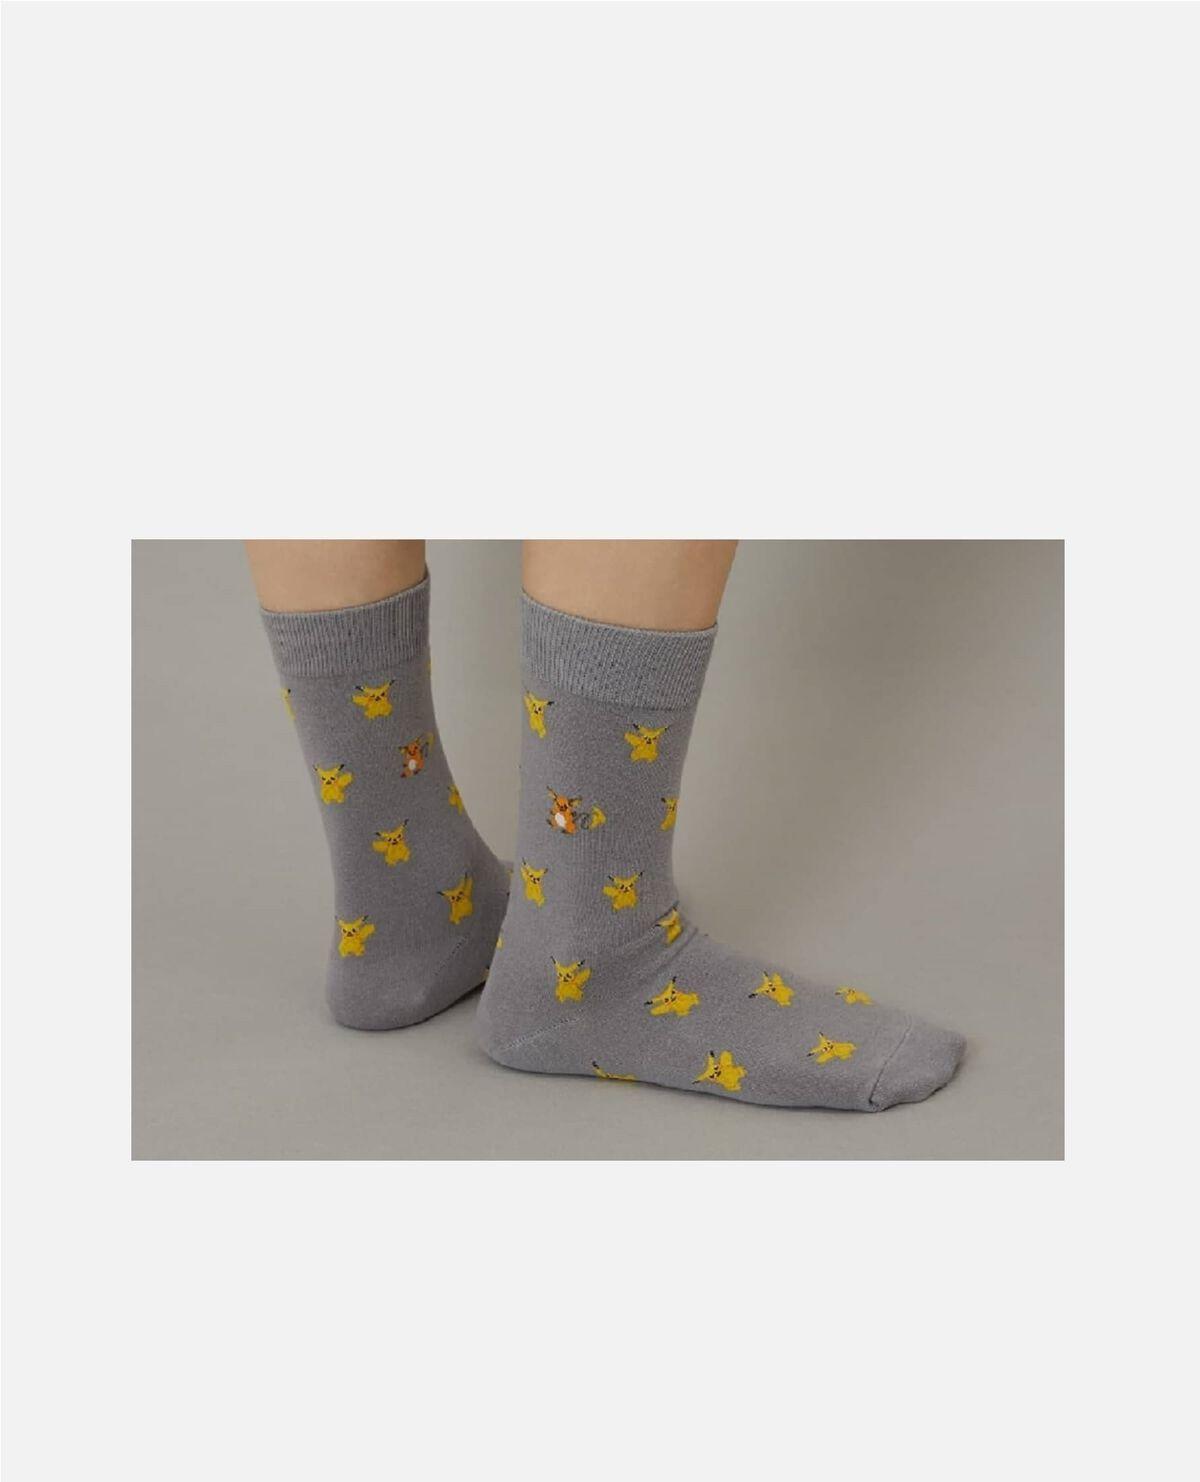 ポケモン 靴下 ピカチュウ ライチュウ